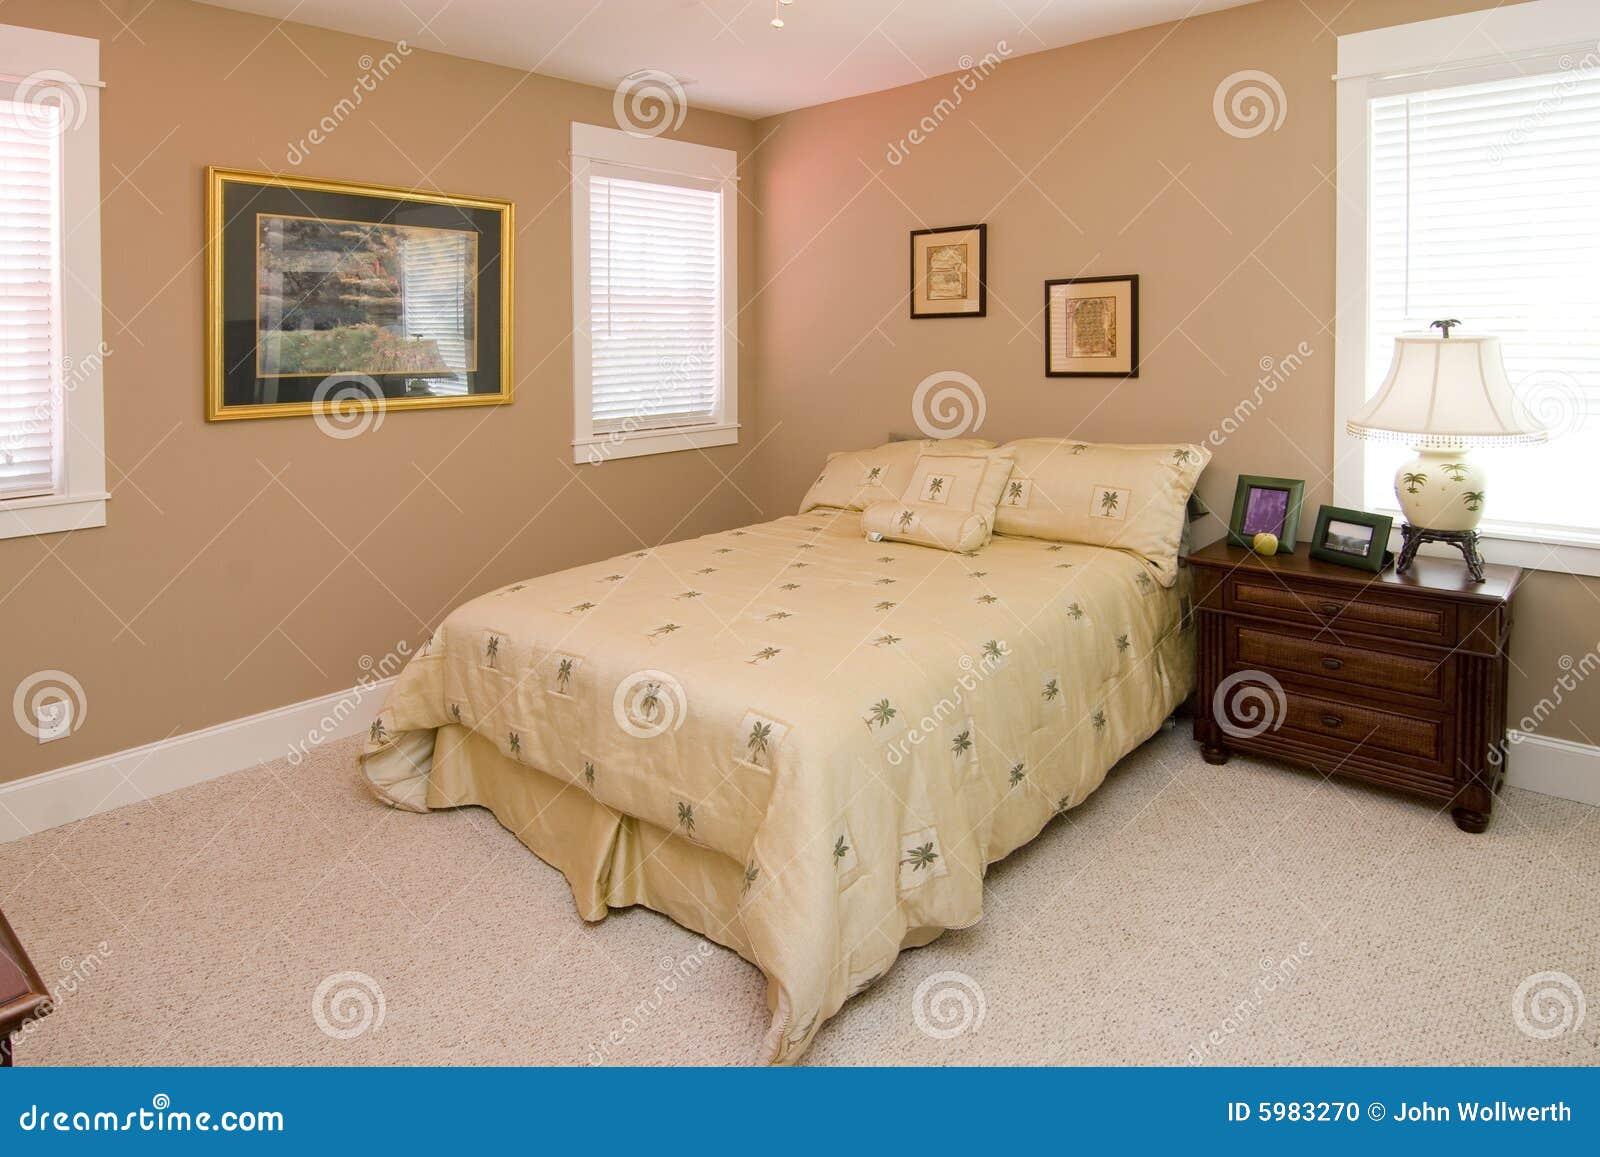 couleur pour chambre a coucher - Couleur Pour Une Chambre A Coucher